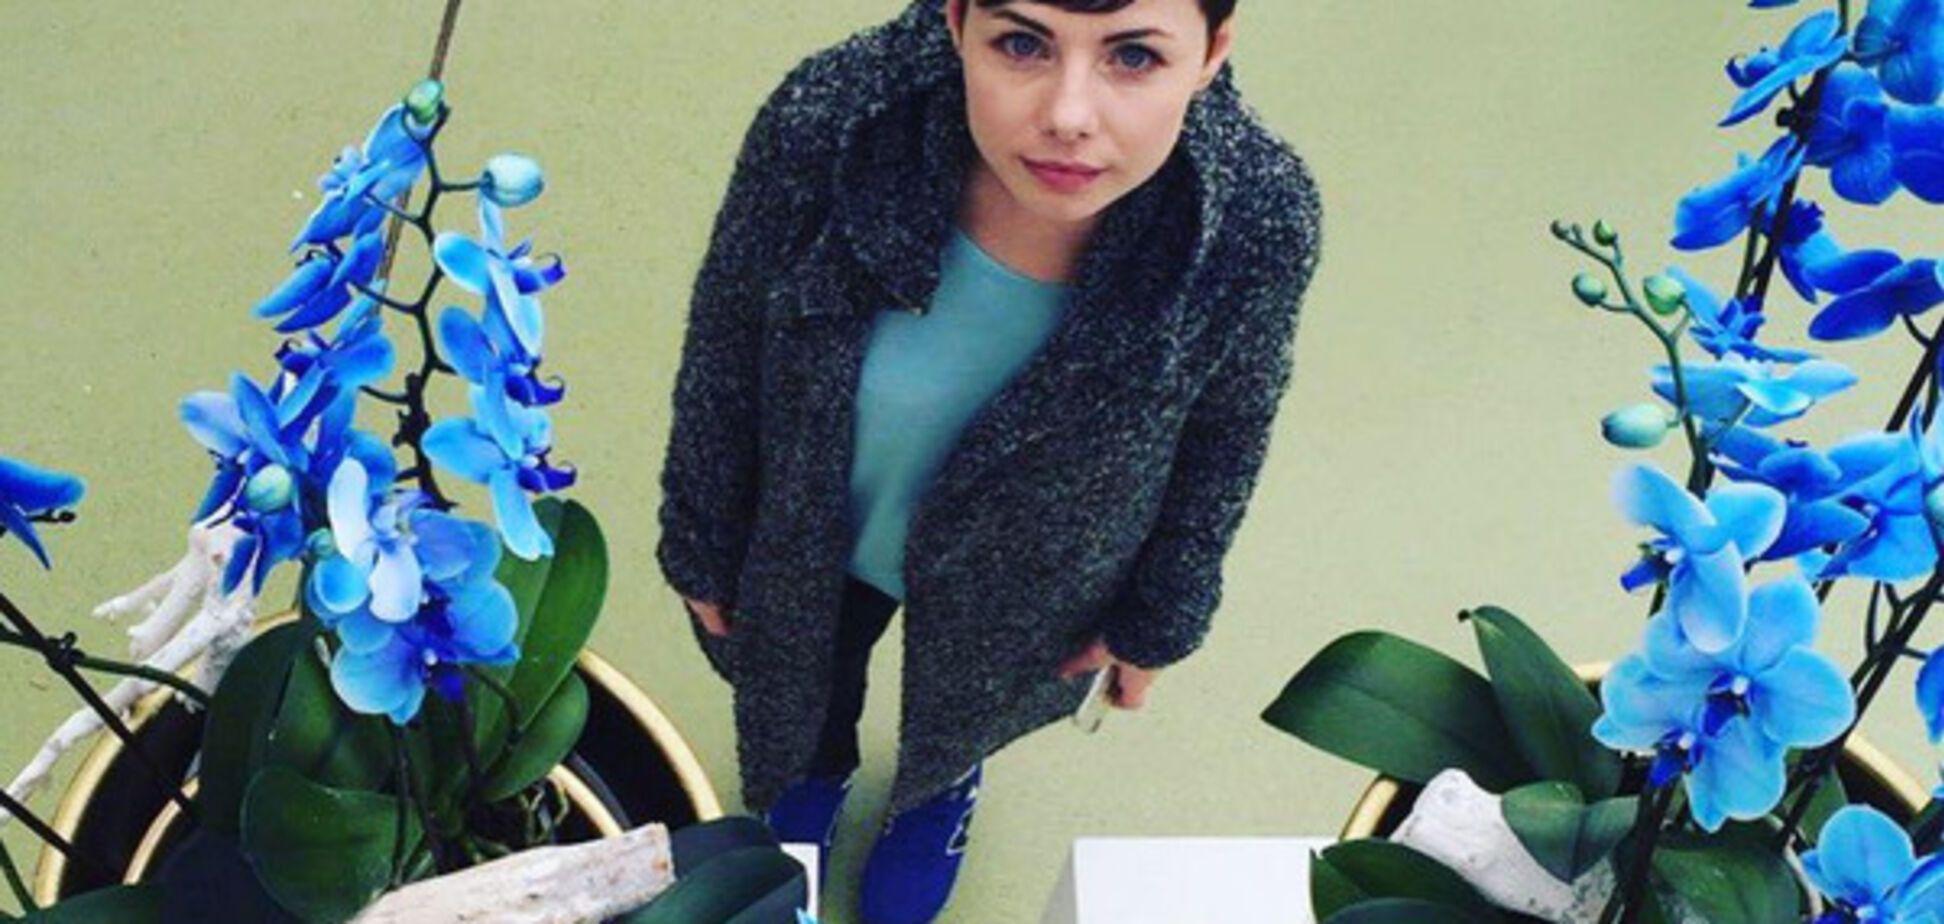 Звезда шоу 'Голос країни' родила второго ребенка